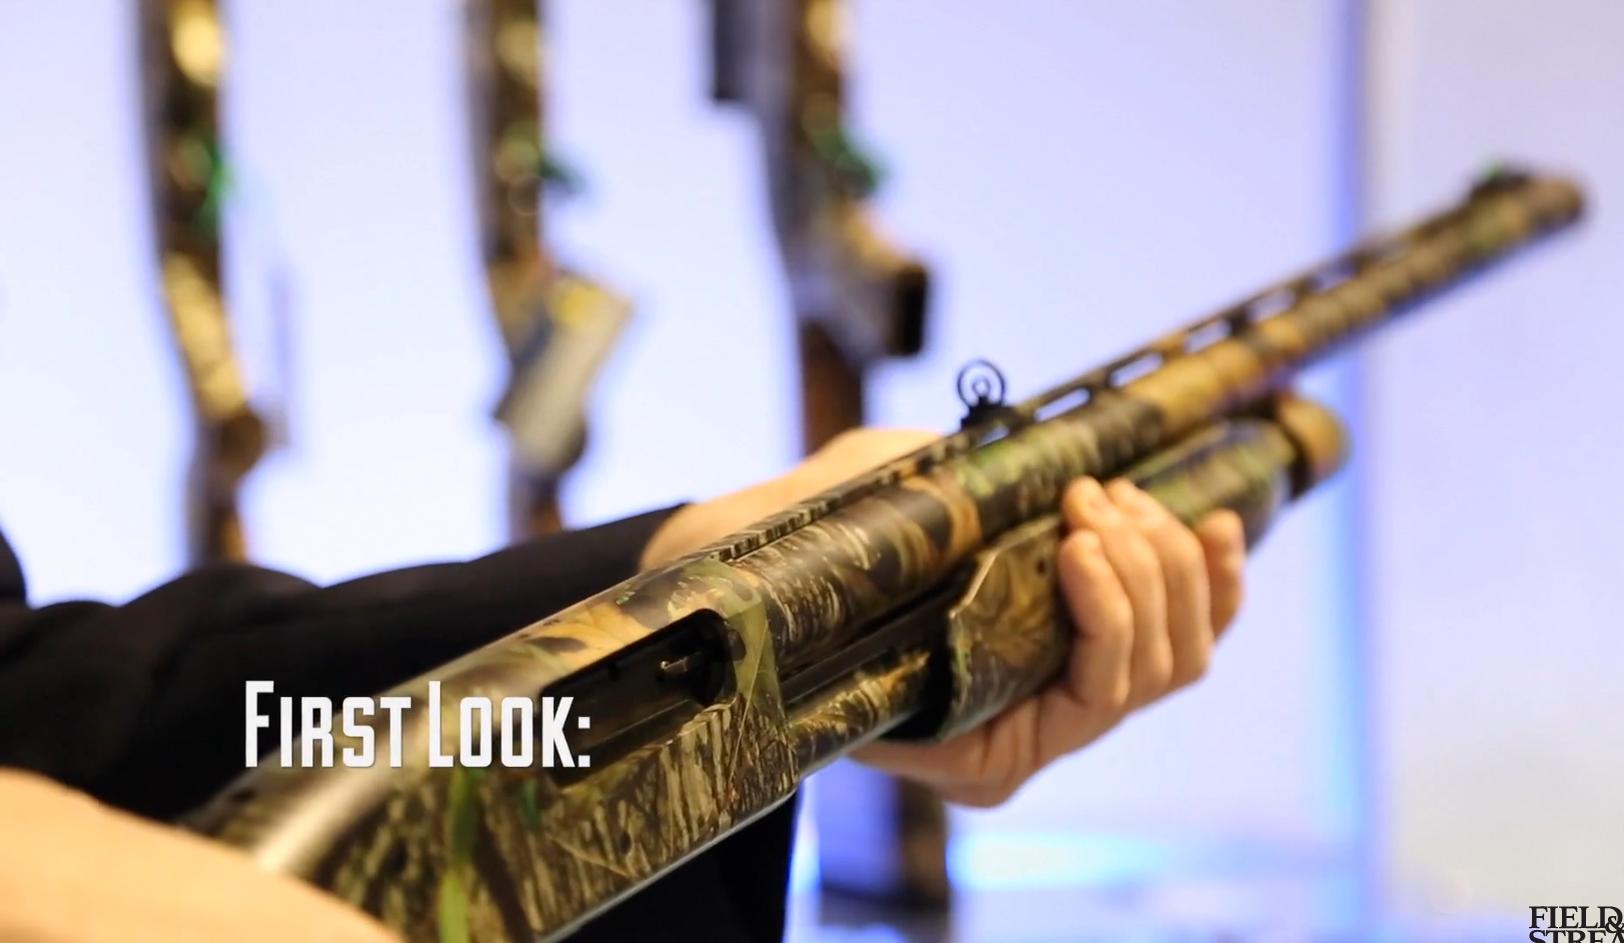 First Look: Mossberg 835 Turkey Gun Gets an Improved Sight